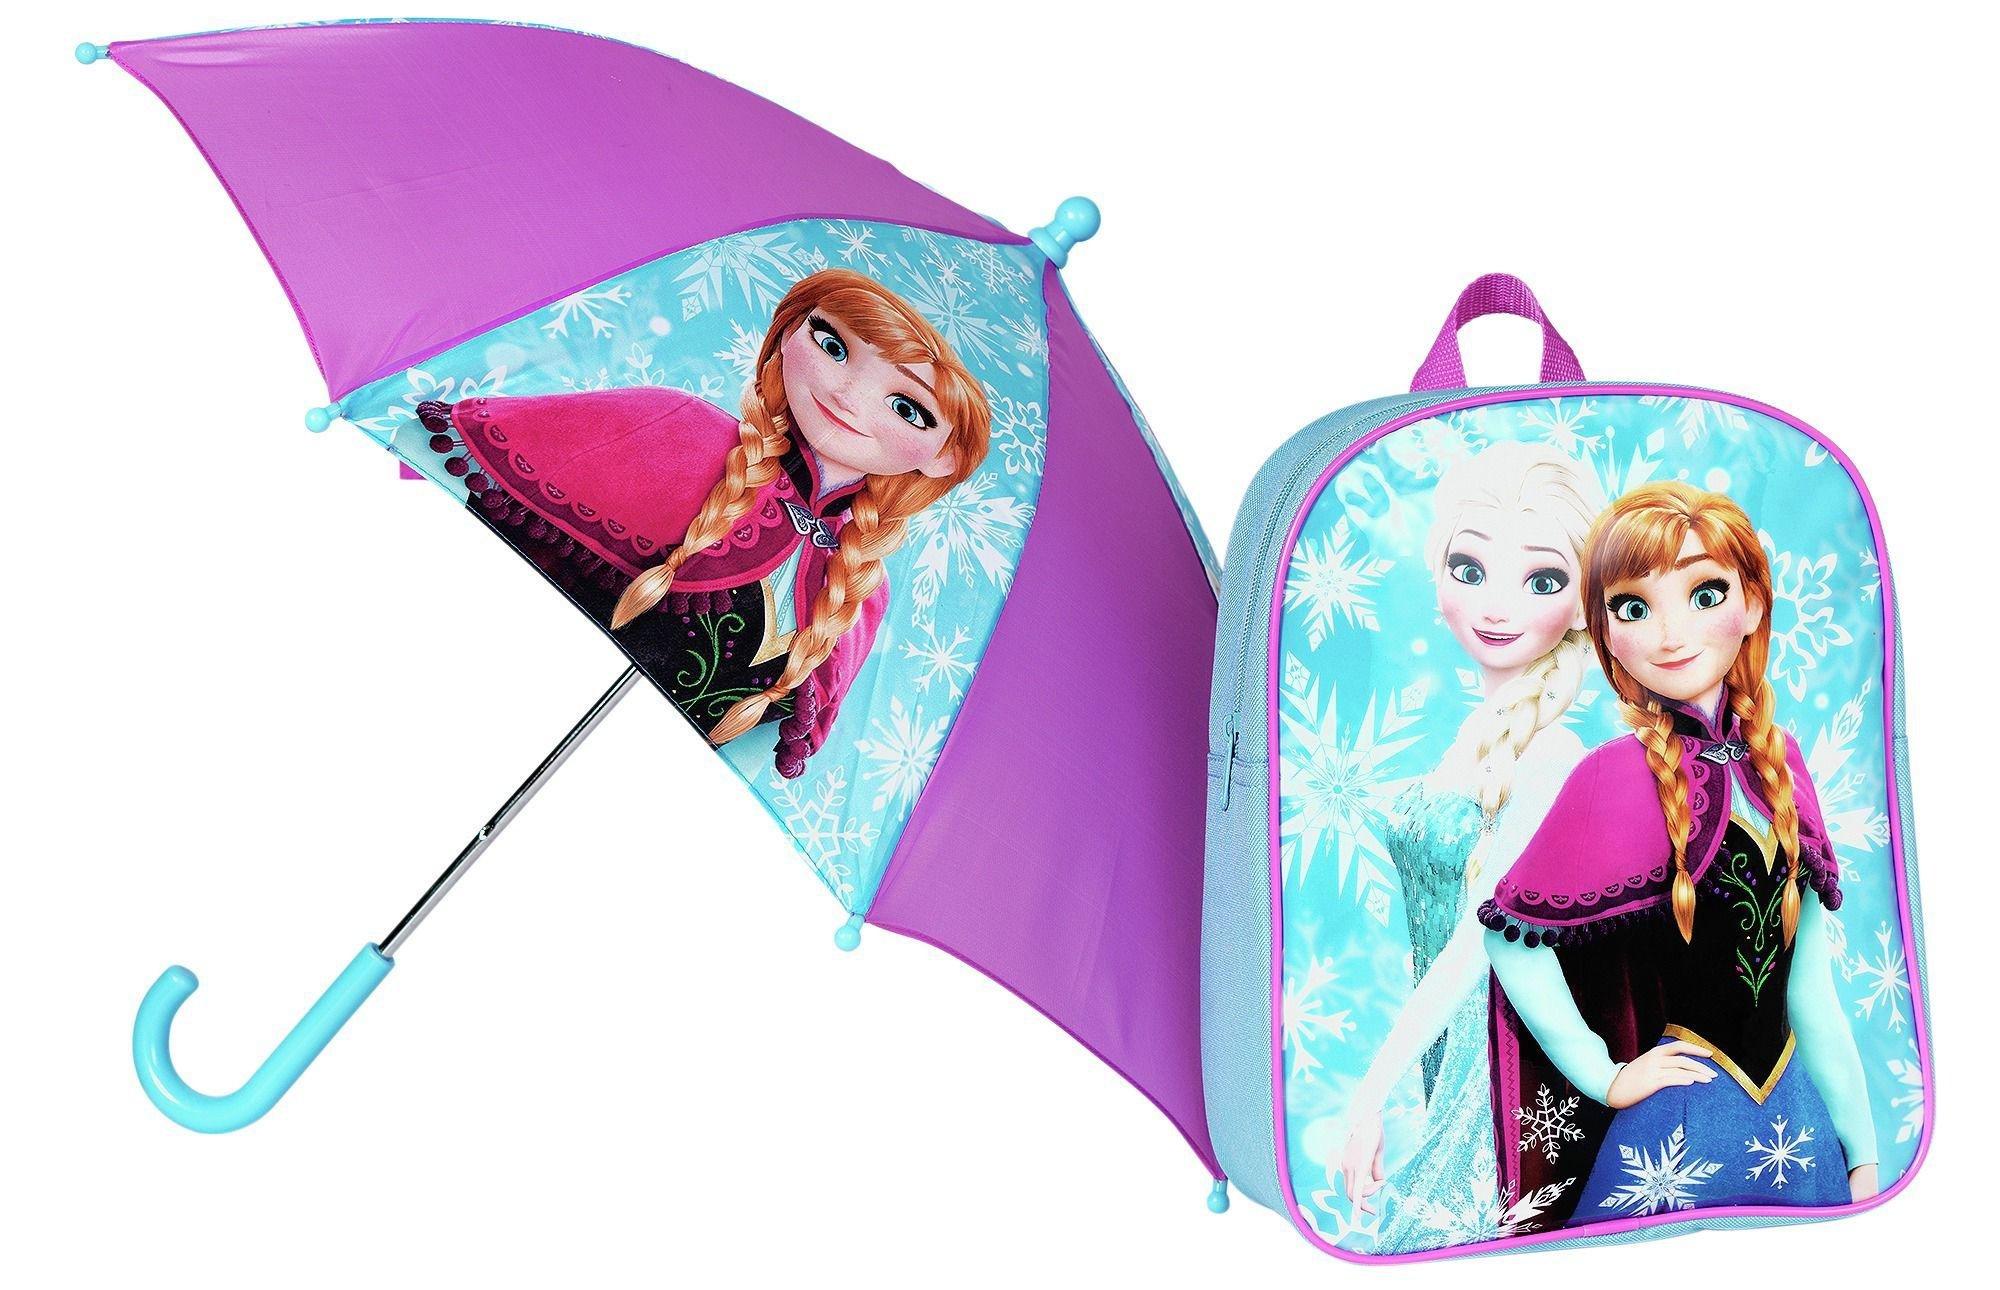 Image of Frozen Backpack & Umbrella